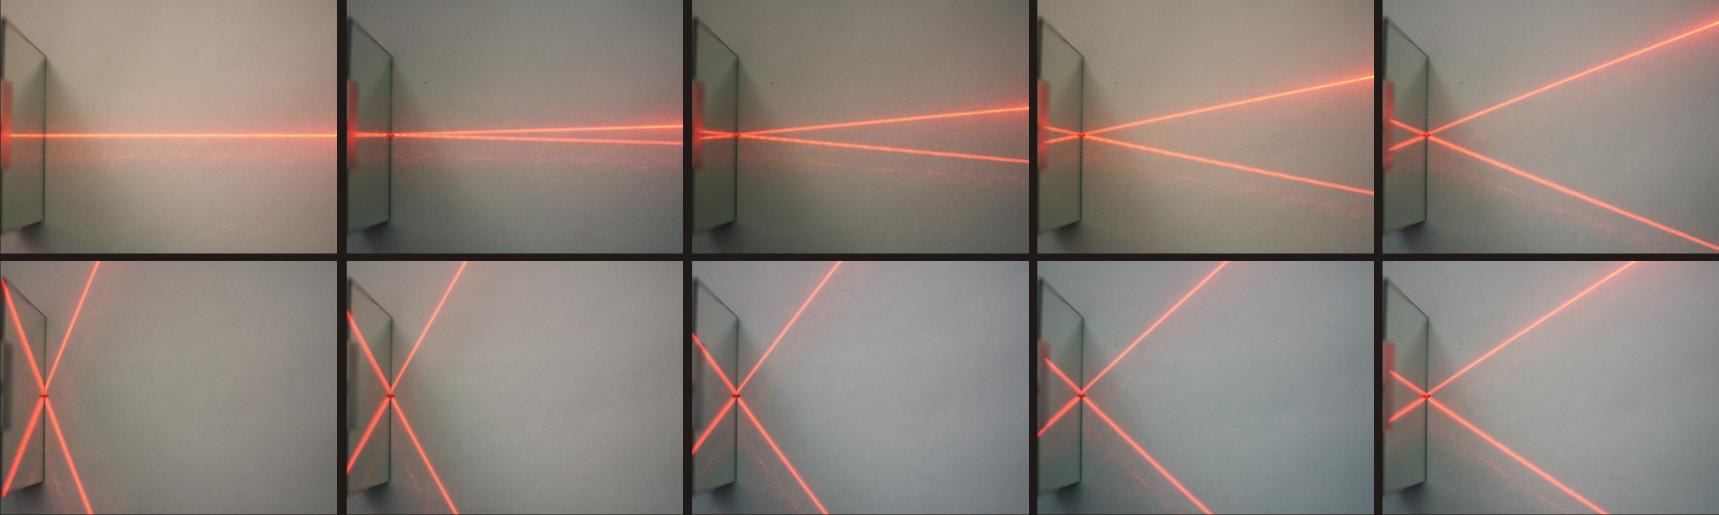 Laser_Specchio_01